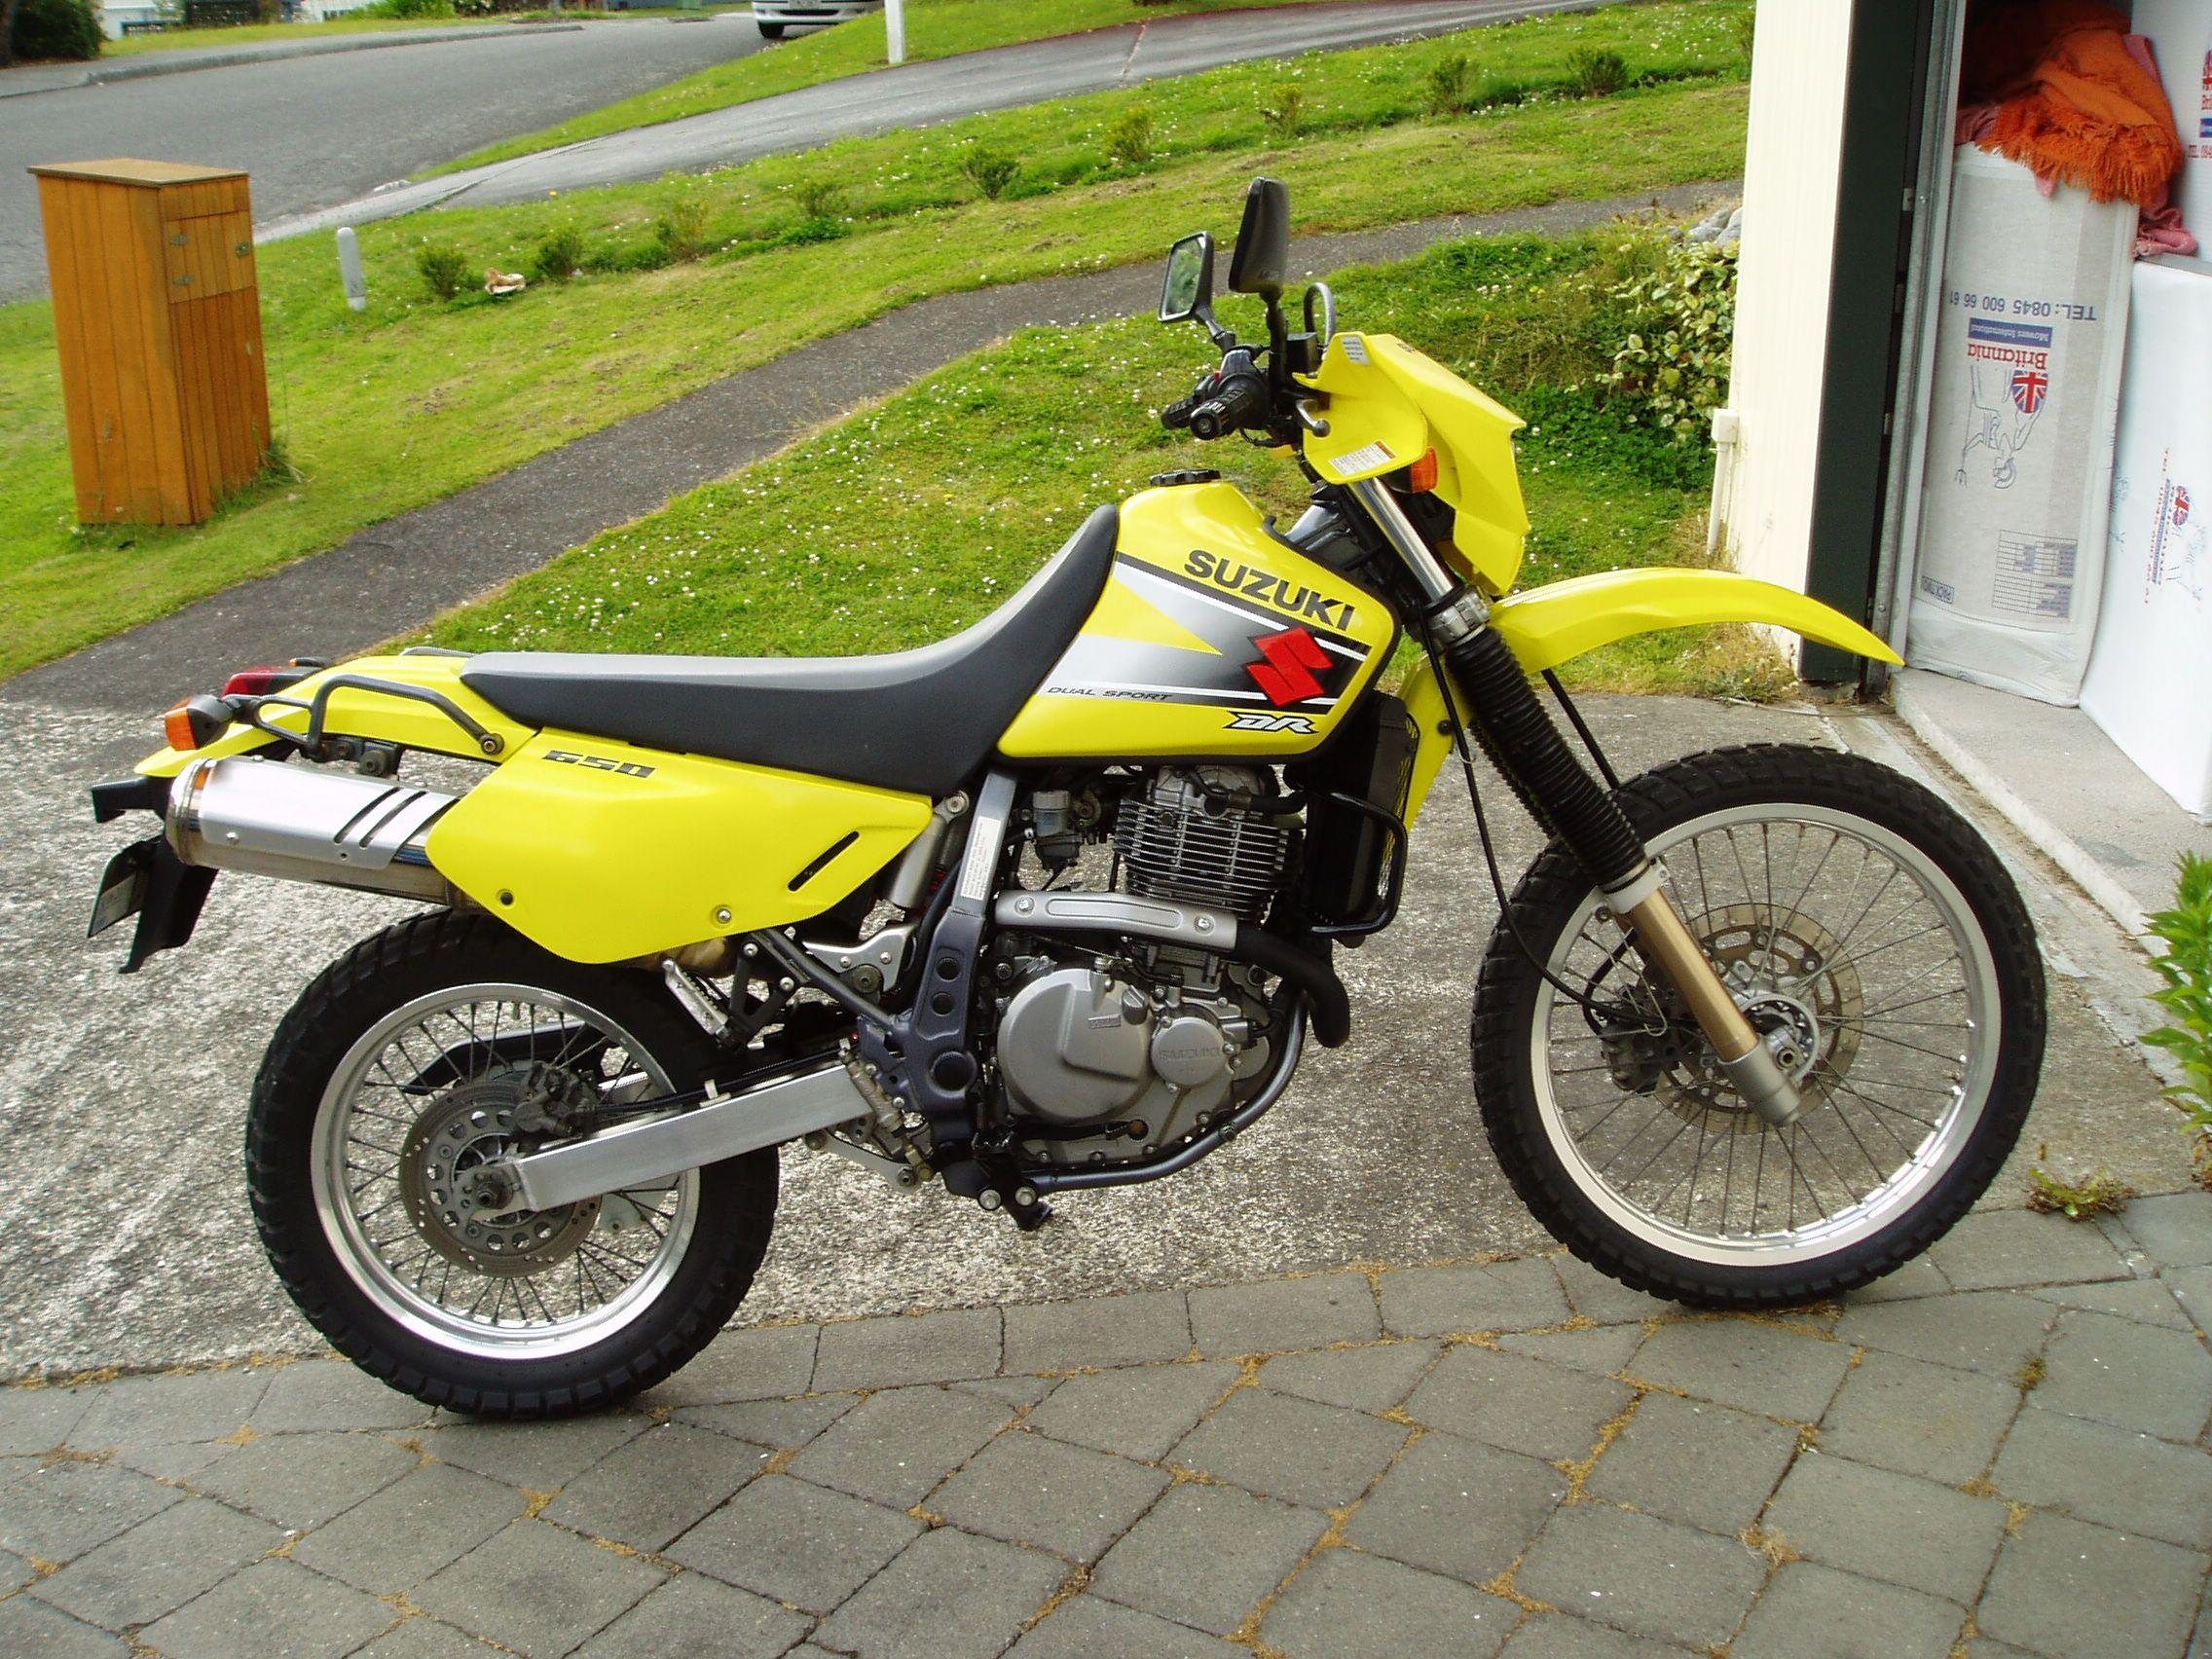 Suzuki Dr650 2003 Nz Suzuki Dr650 Dr650 Suzuki